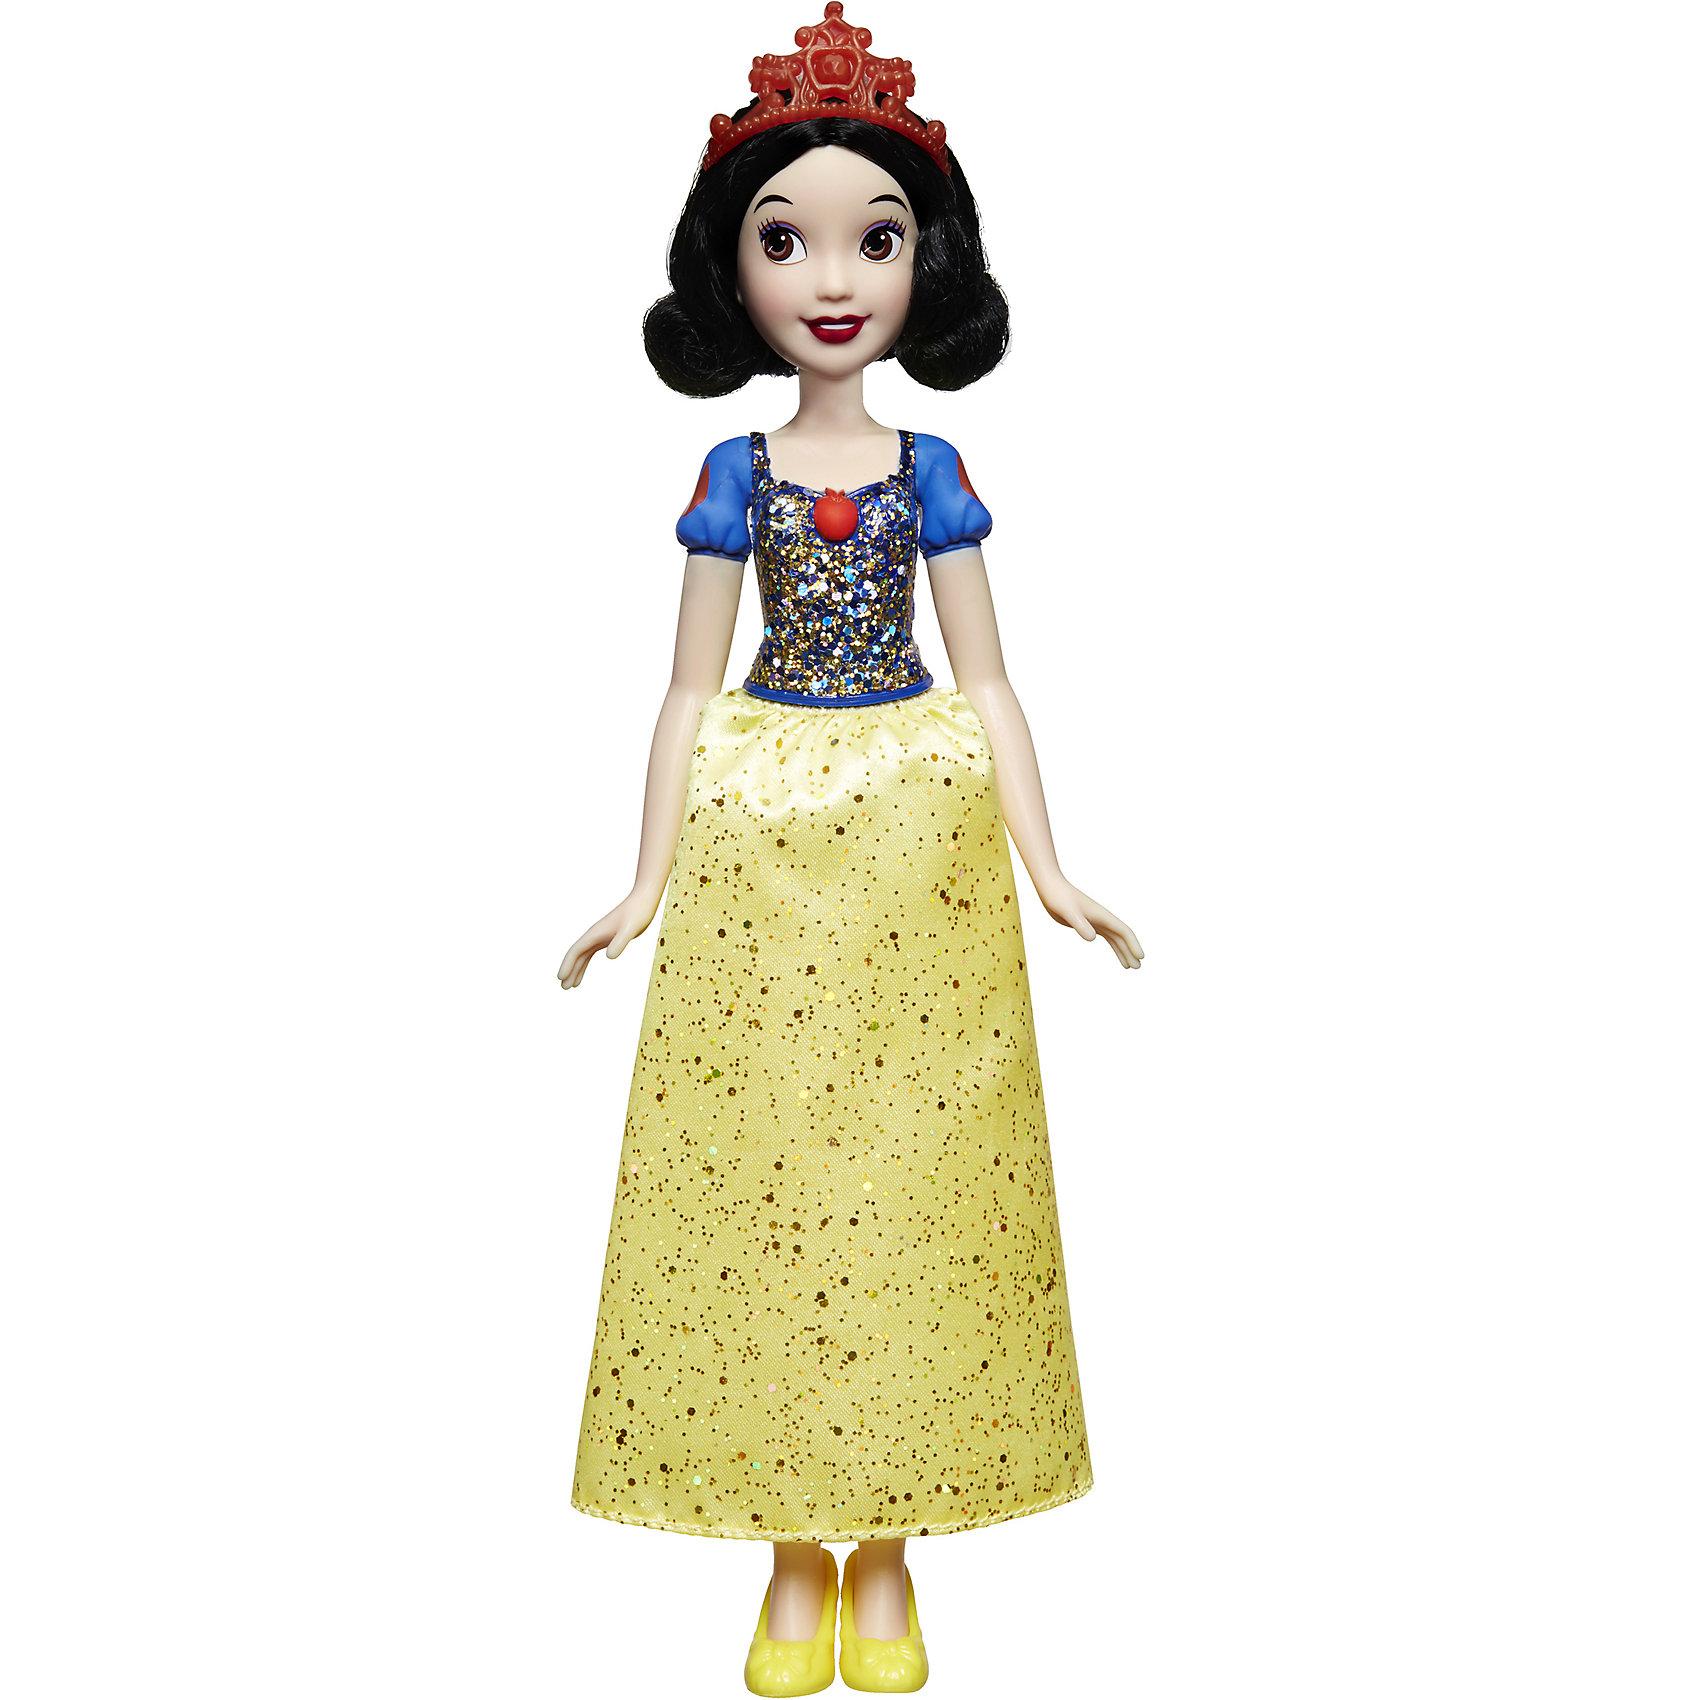 Кукла Белоснежка, Принцессы ДиснейКукла Белоснежка, Принцессы Дисней, станет прекрасным подарком для всех маленьких поклонниц диснеевских сказок. Кукла очень похожа на свою героиню из популярного мультфильма Белоснежка и семь гномов. Как и положено по сюжету, у куклы темные волосы до плеч и светлая кожа, красивое лицо украшено ярким макияжем. Белоснежка одета в нарядное платье принцессы: ярко-синий топ с рукавами-фонариками и роскошная желтая юбка с блестками и изысканными узорами. Наряд дополняют изящные желтые туфельки и красный ободок с бантиком в волосах. У куклы подвижные руки и ноги и голова.<br><br>Дополнительная информация:<br><br>- Материал: пластик, текстиль.<br>- Высота куклы: 28 см.<br>- Размер упаковки: 15 x 5 x 36 см.<br>- Вес: 0,17 кг.<br><br>Куклу Белоснежка, Принцессы Дисней, можно купить в нашем интернет-магазине.<br><br>Ширина мм: 324<br>Глубина мм: 152<br>Высота мм: 53<br>Вес г: 173<br>Возраст от месяцев: 36<br>Возраст до месяцев: 72<br>Пол: Женский<br>Возраст: Детский<br>SKU: 4351503